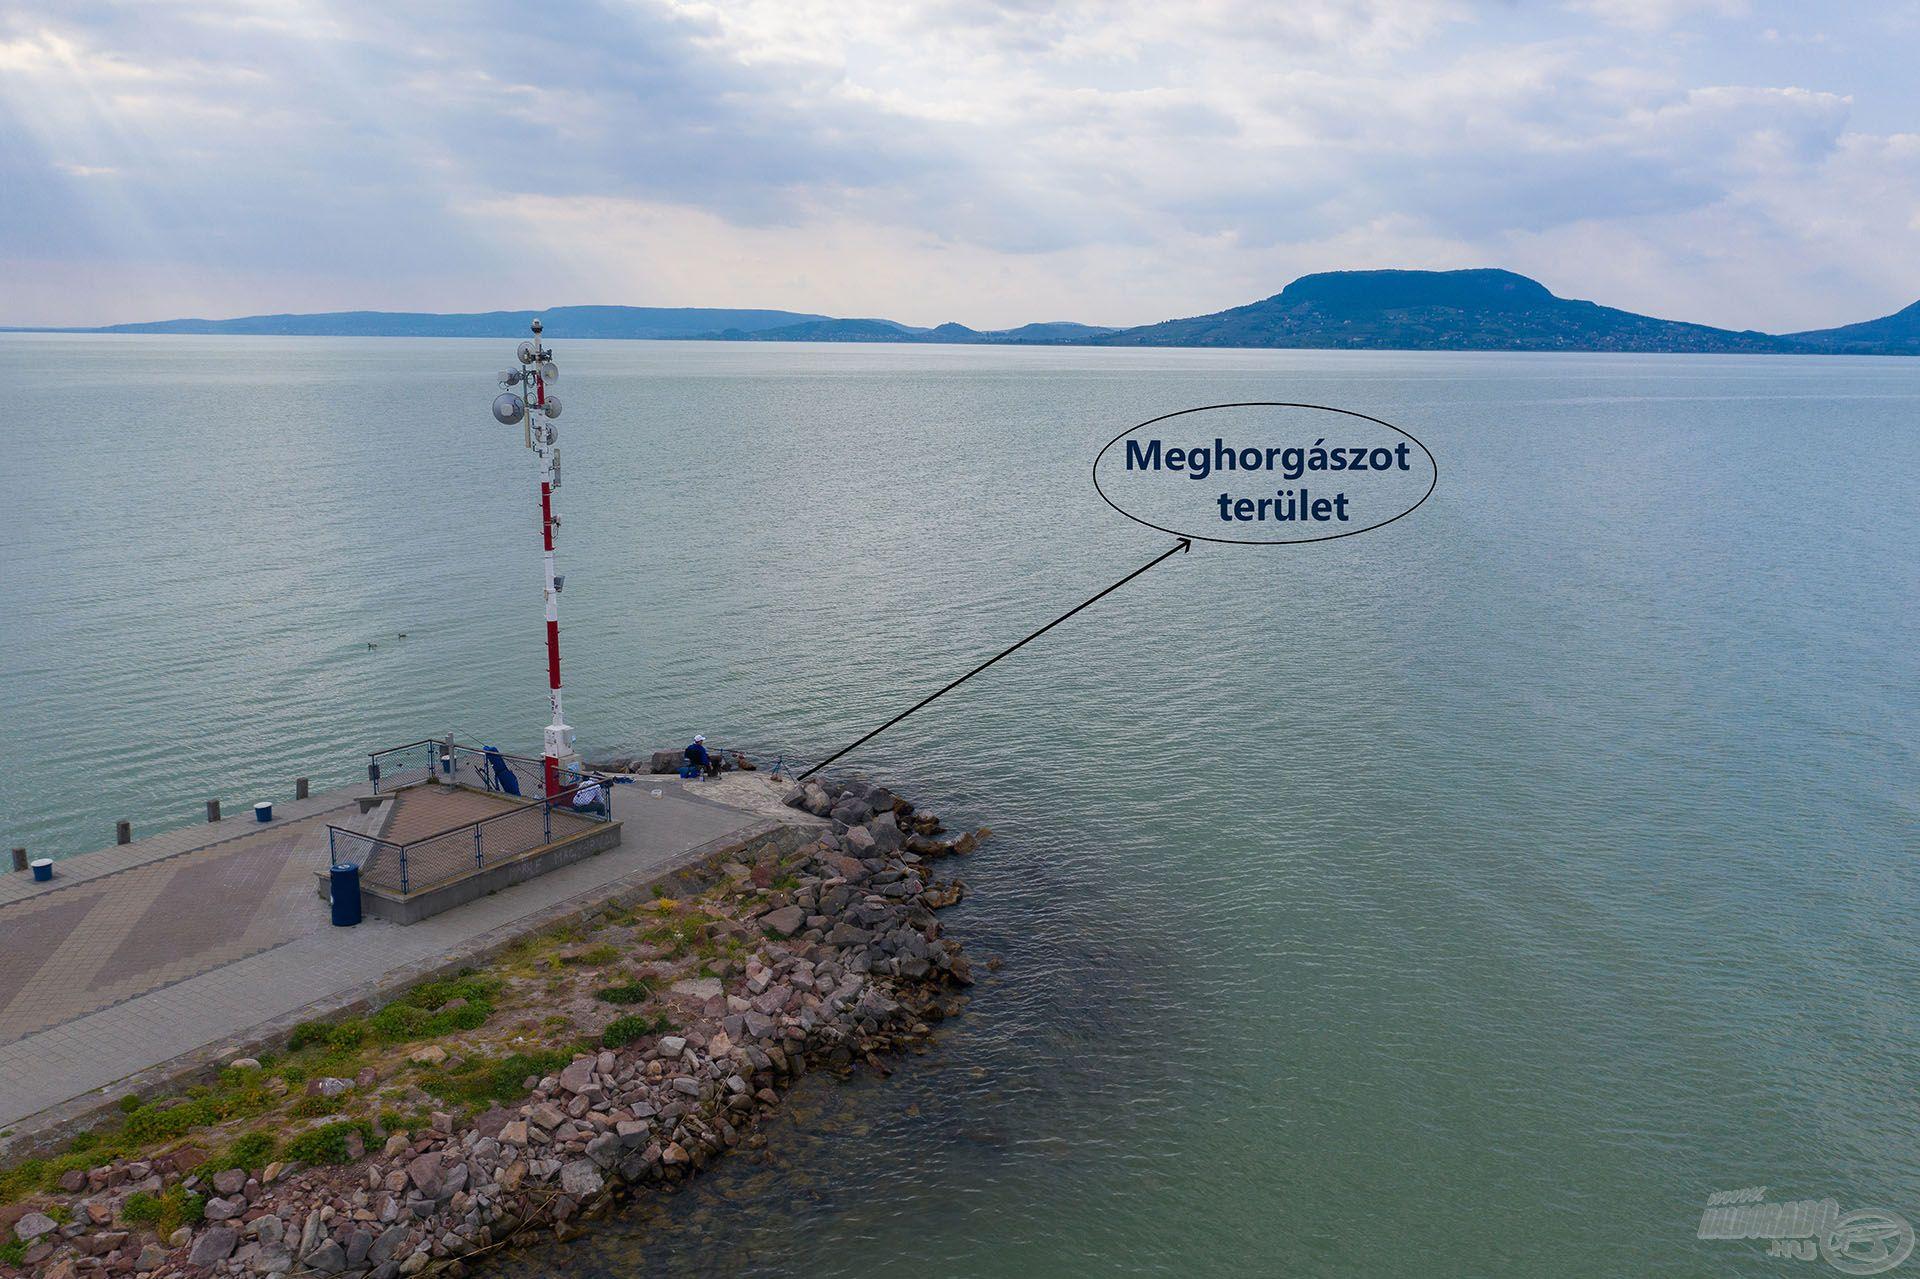 Előttem a Badacsony! Megjelöltem a képen a meghorgászott területet is. A stratégia ugyanaz volt, mint Keszthelyen, method feeder módszerrel, mindenféle alapozó etetés nélkül, kereső horgászatot végeztem